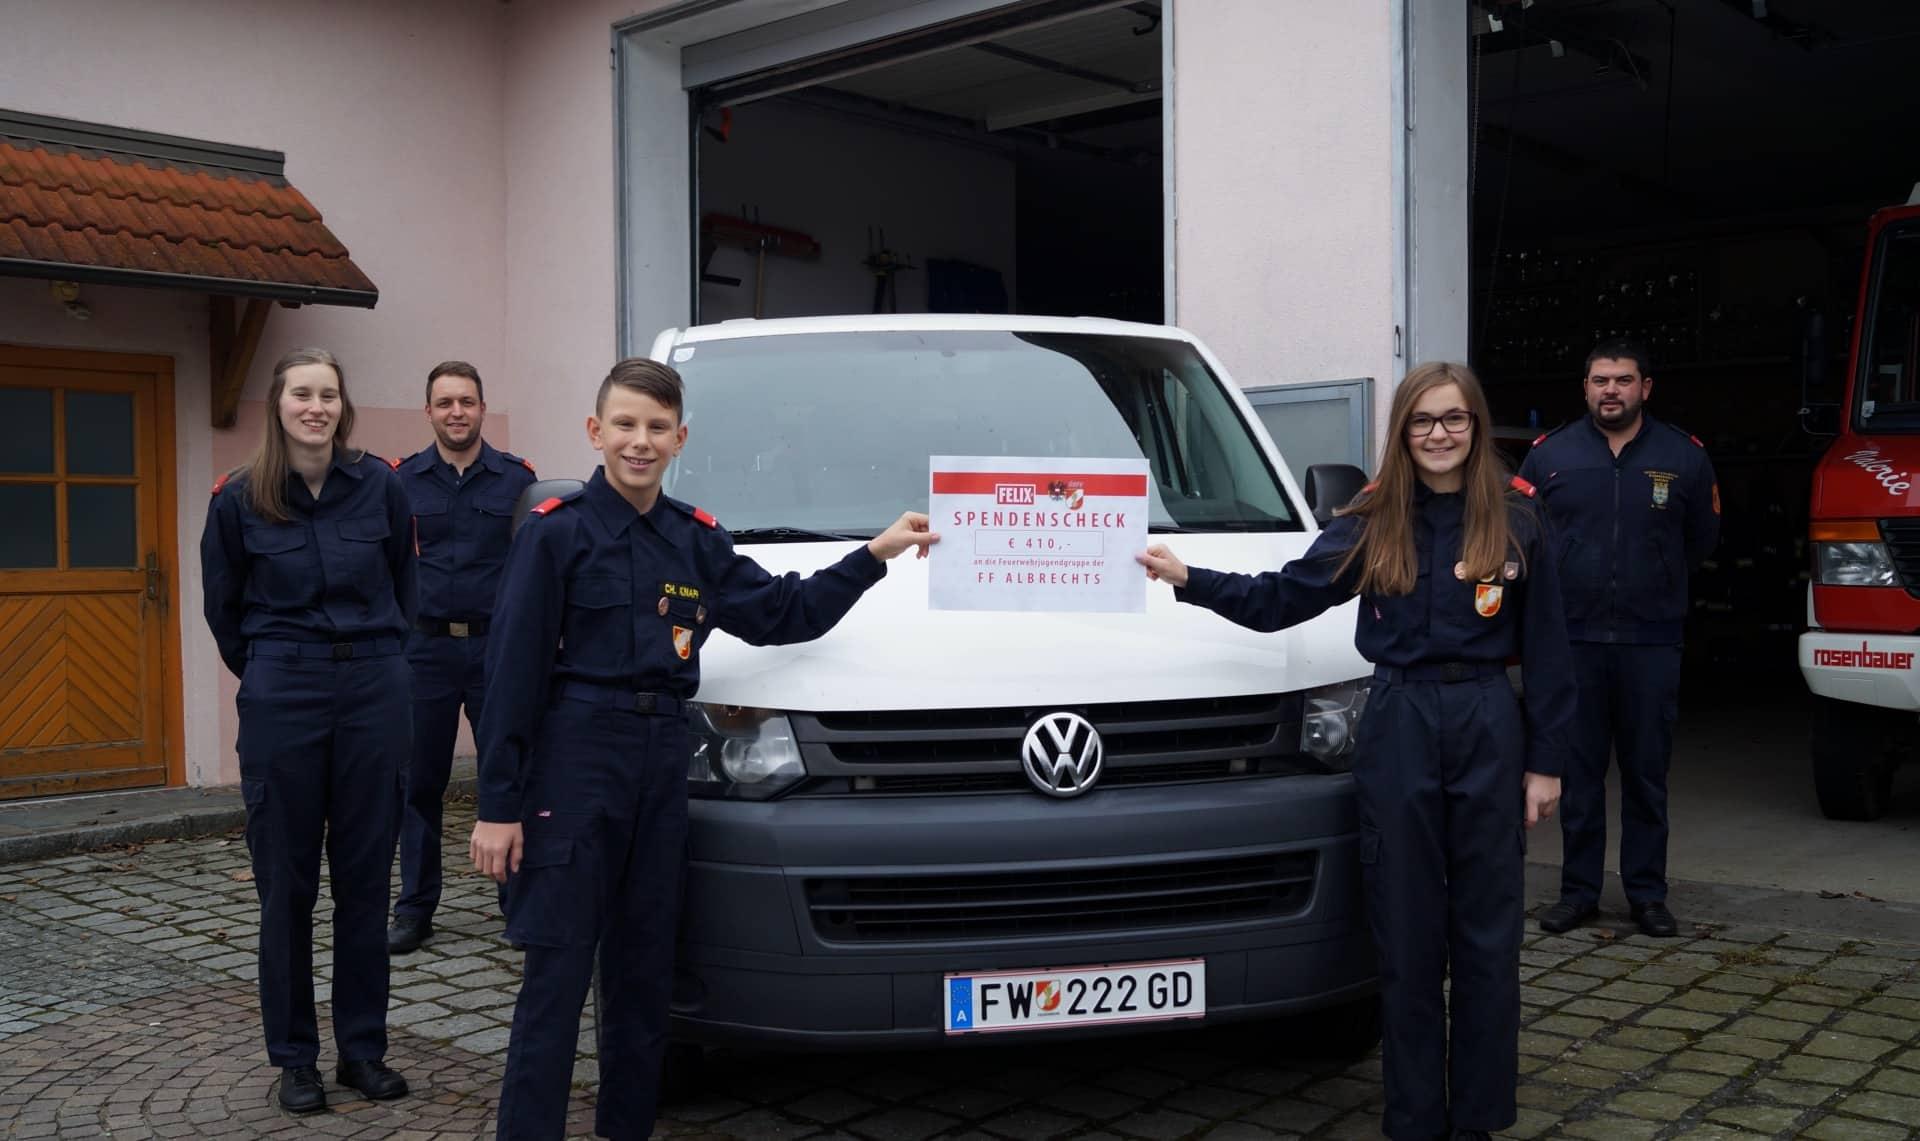 Feuerwehrjugend Albrechts erhielt Förderung